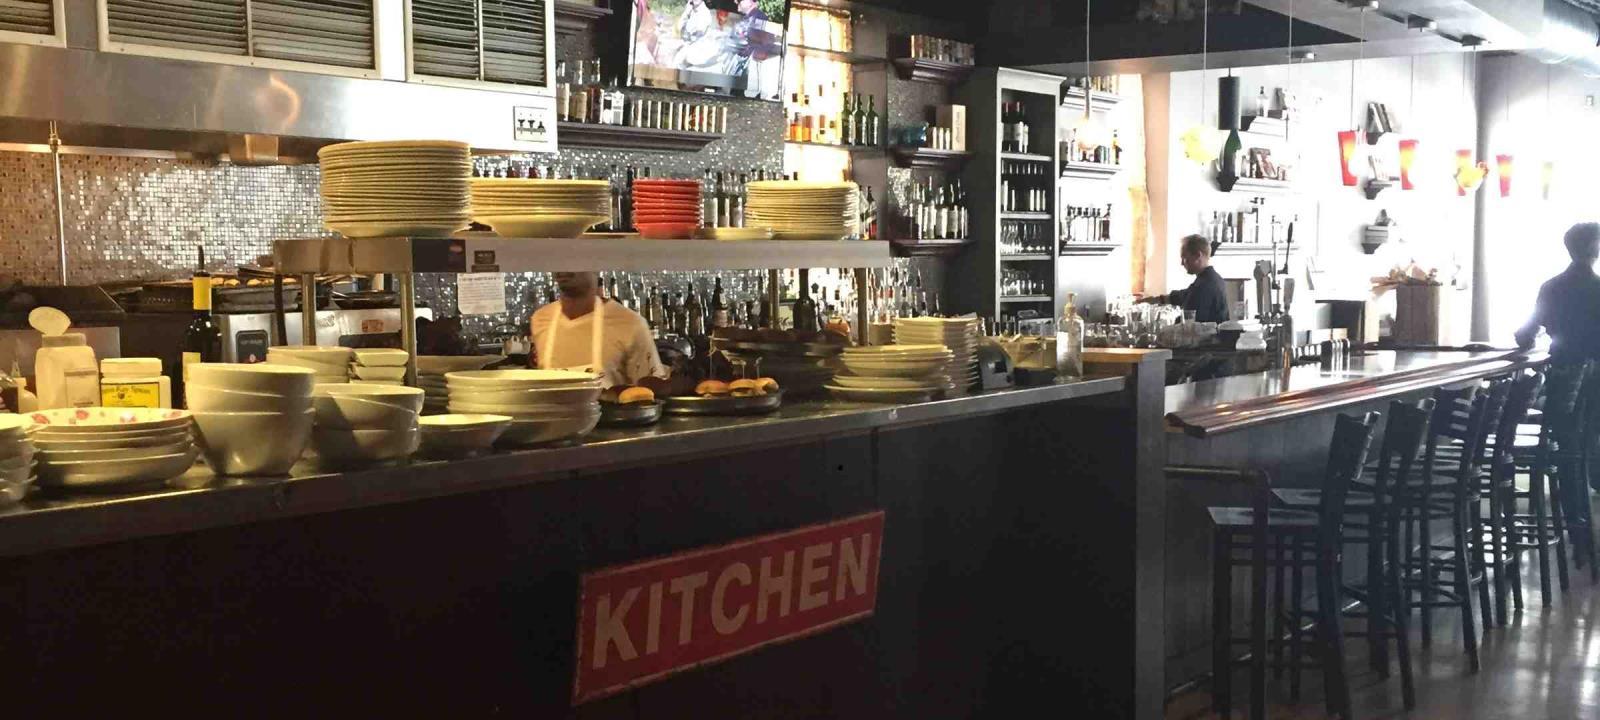 Harvest Kitchen & Lounge Restaurant - Picture